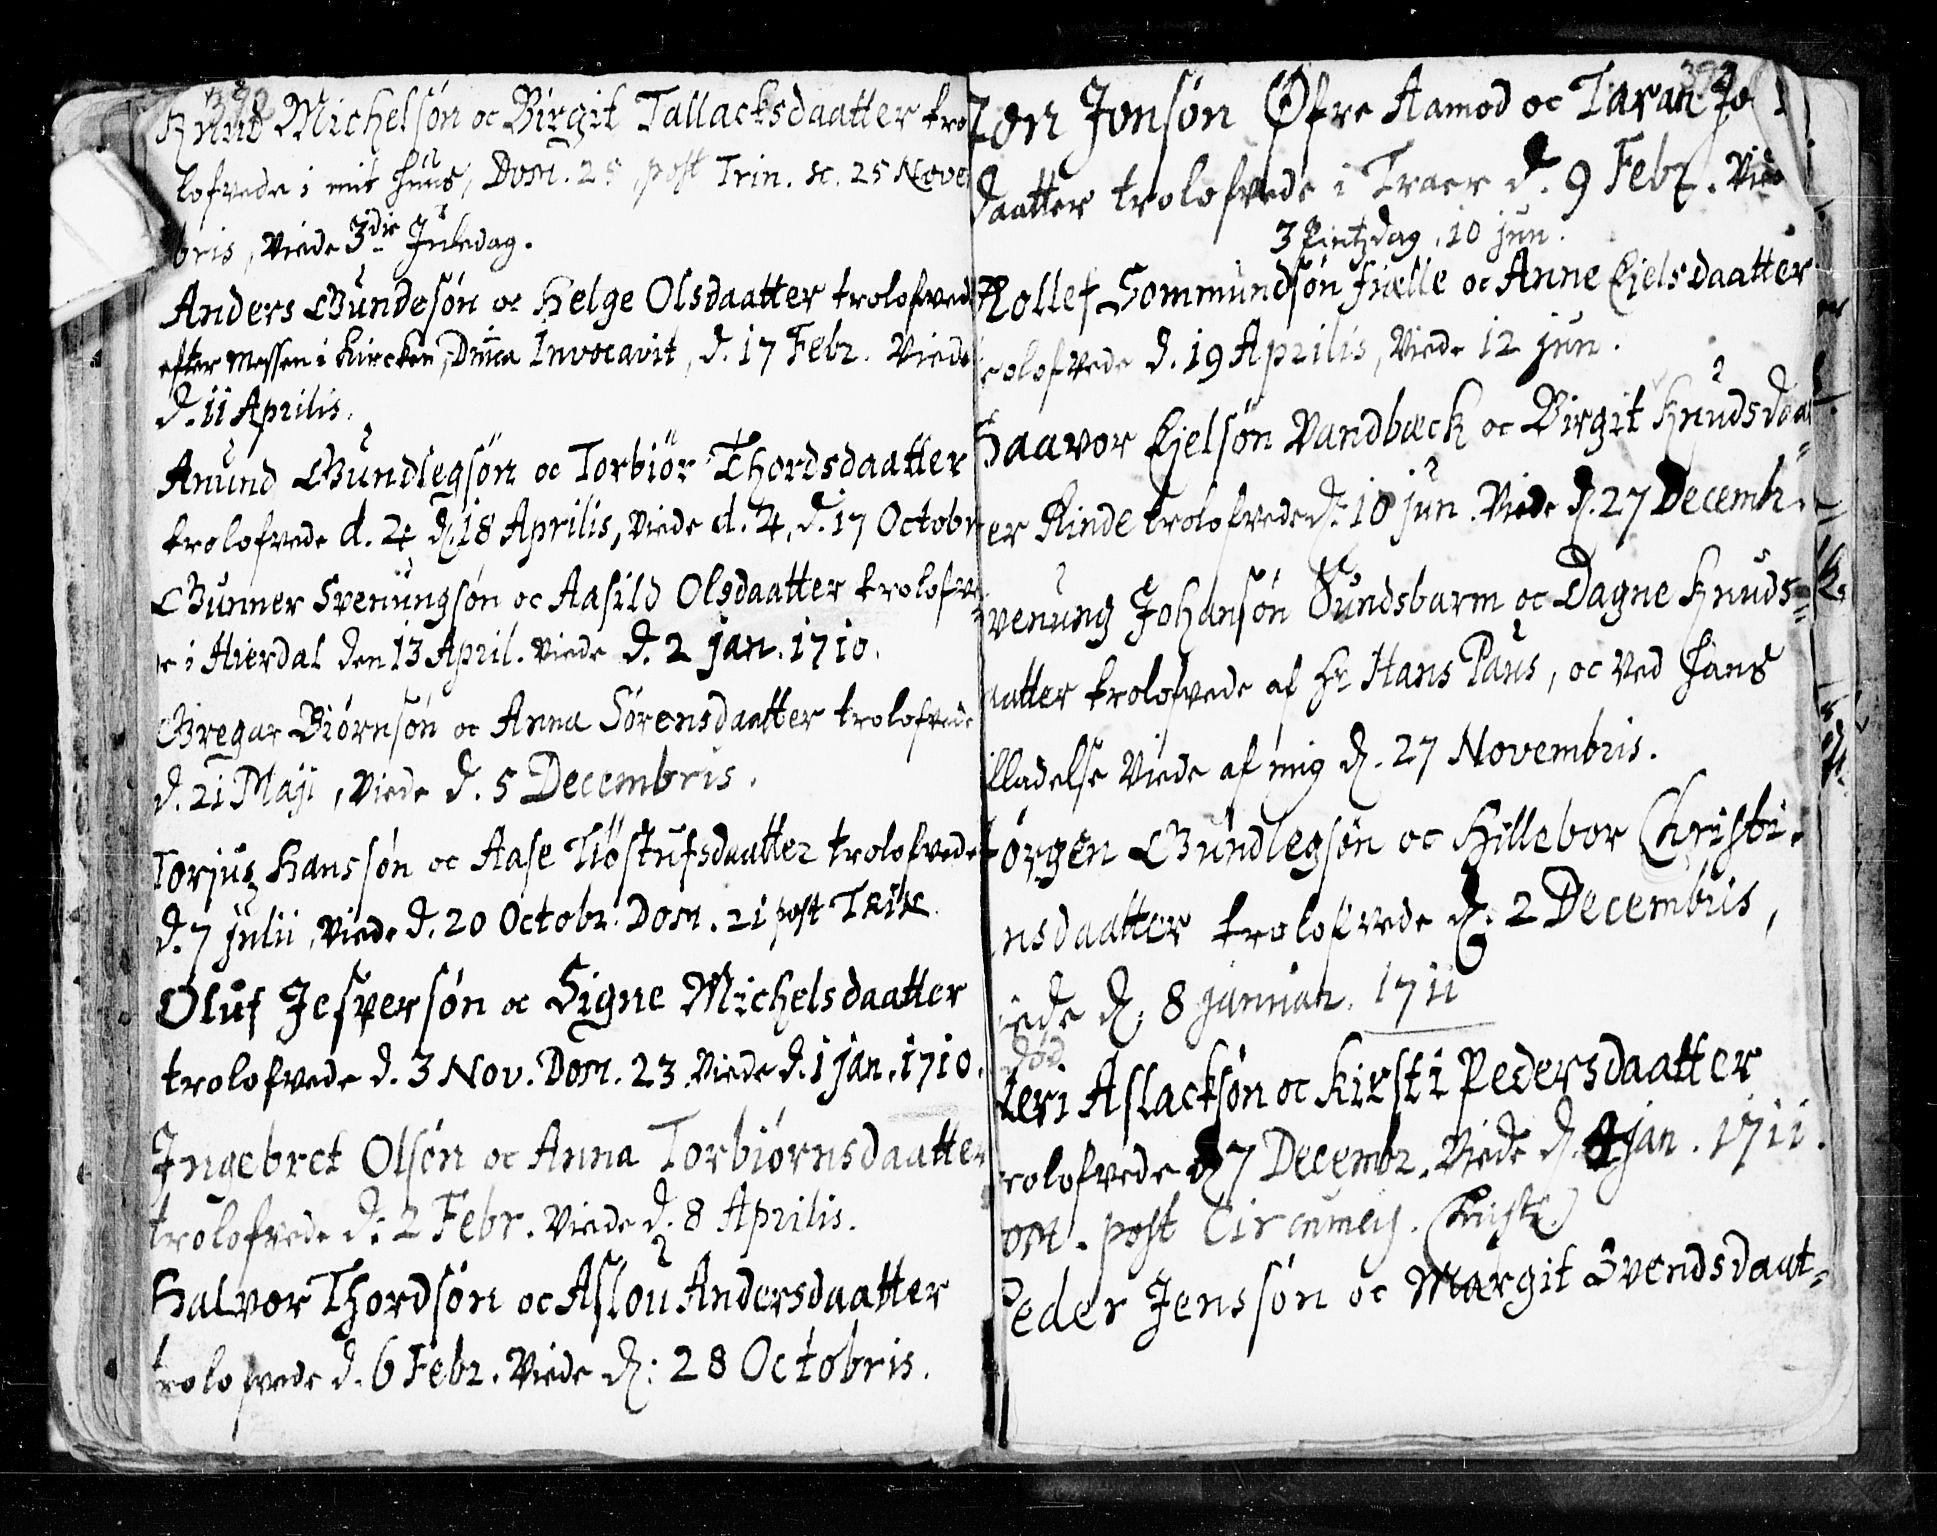 SAKO, Seljord kirkebøker, F/Fa/L0002: Ministerialbok nr. I 2, 1689-1713, s. 392-393